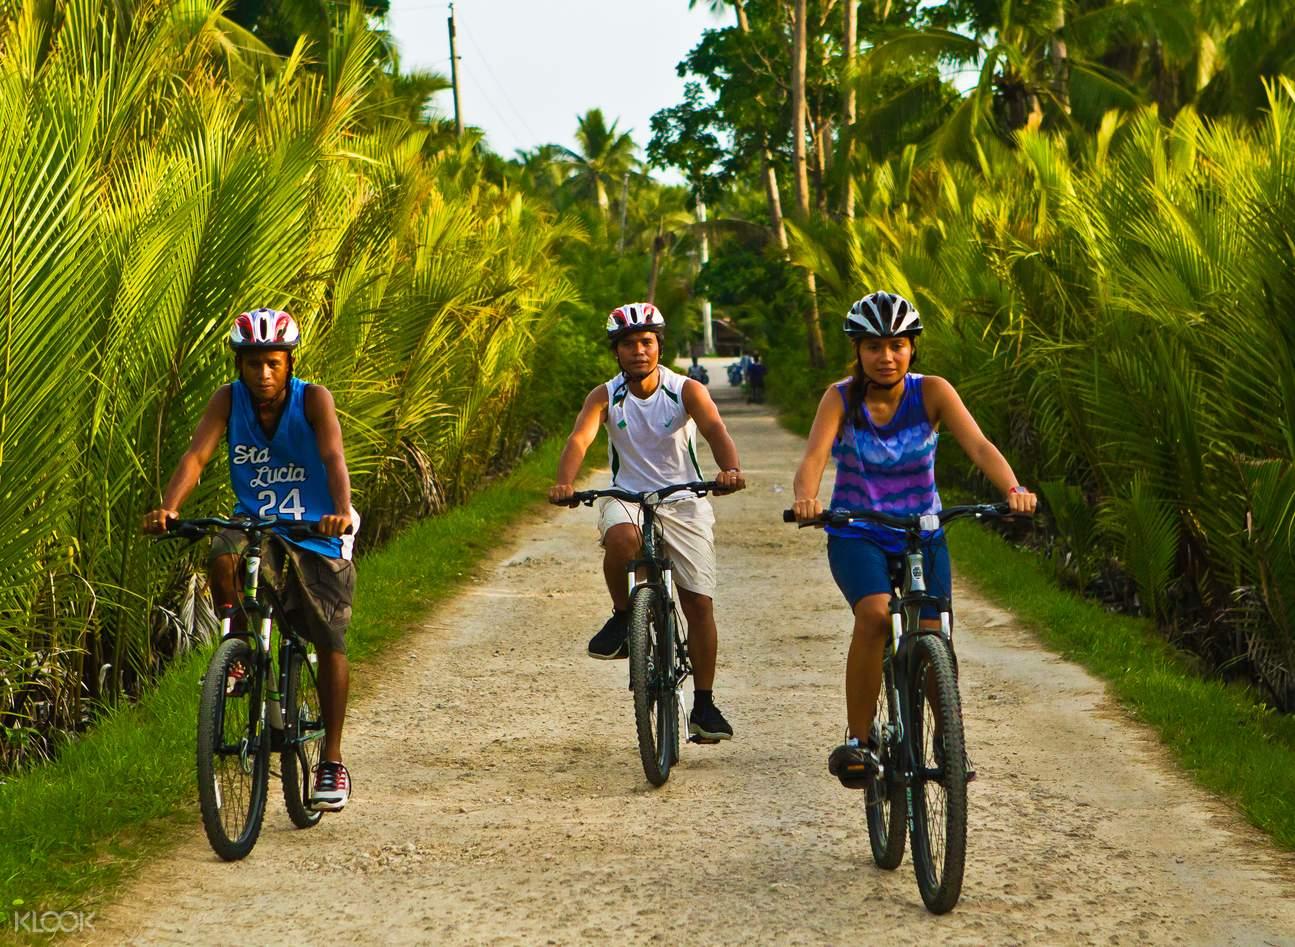 薄荷岛骑行,薄荷岛山地自行车,薄荷岛自行车,薄荷岛户外,薄荷岛户外活动